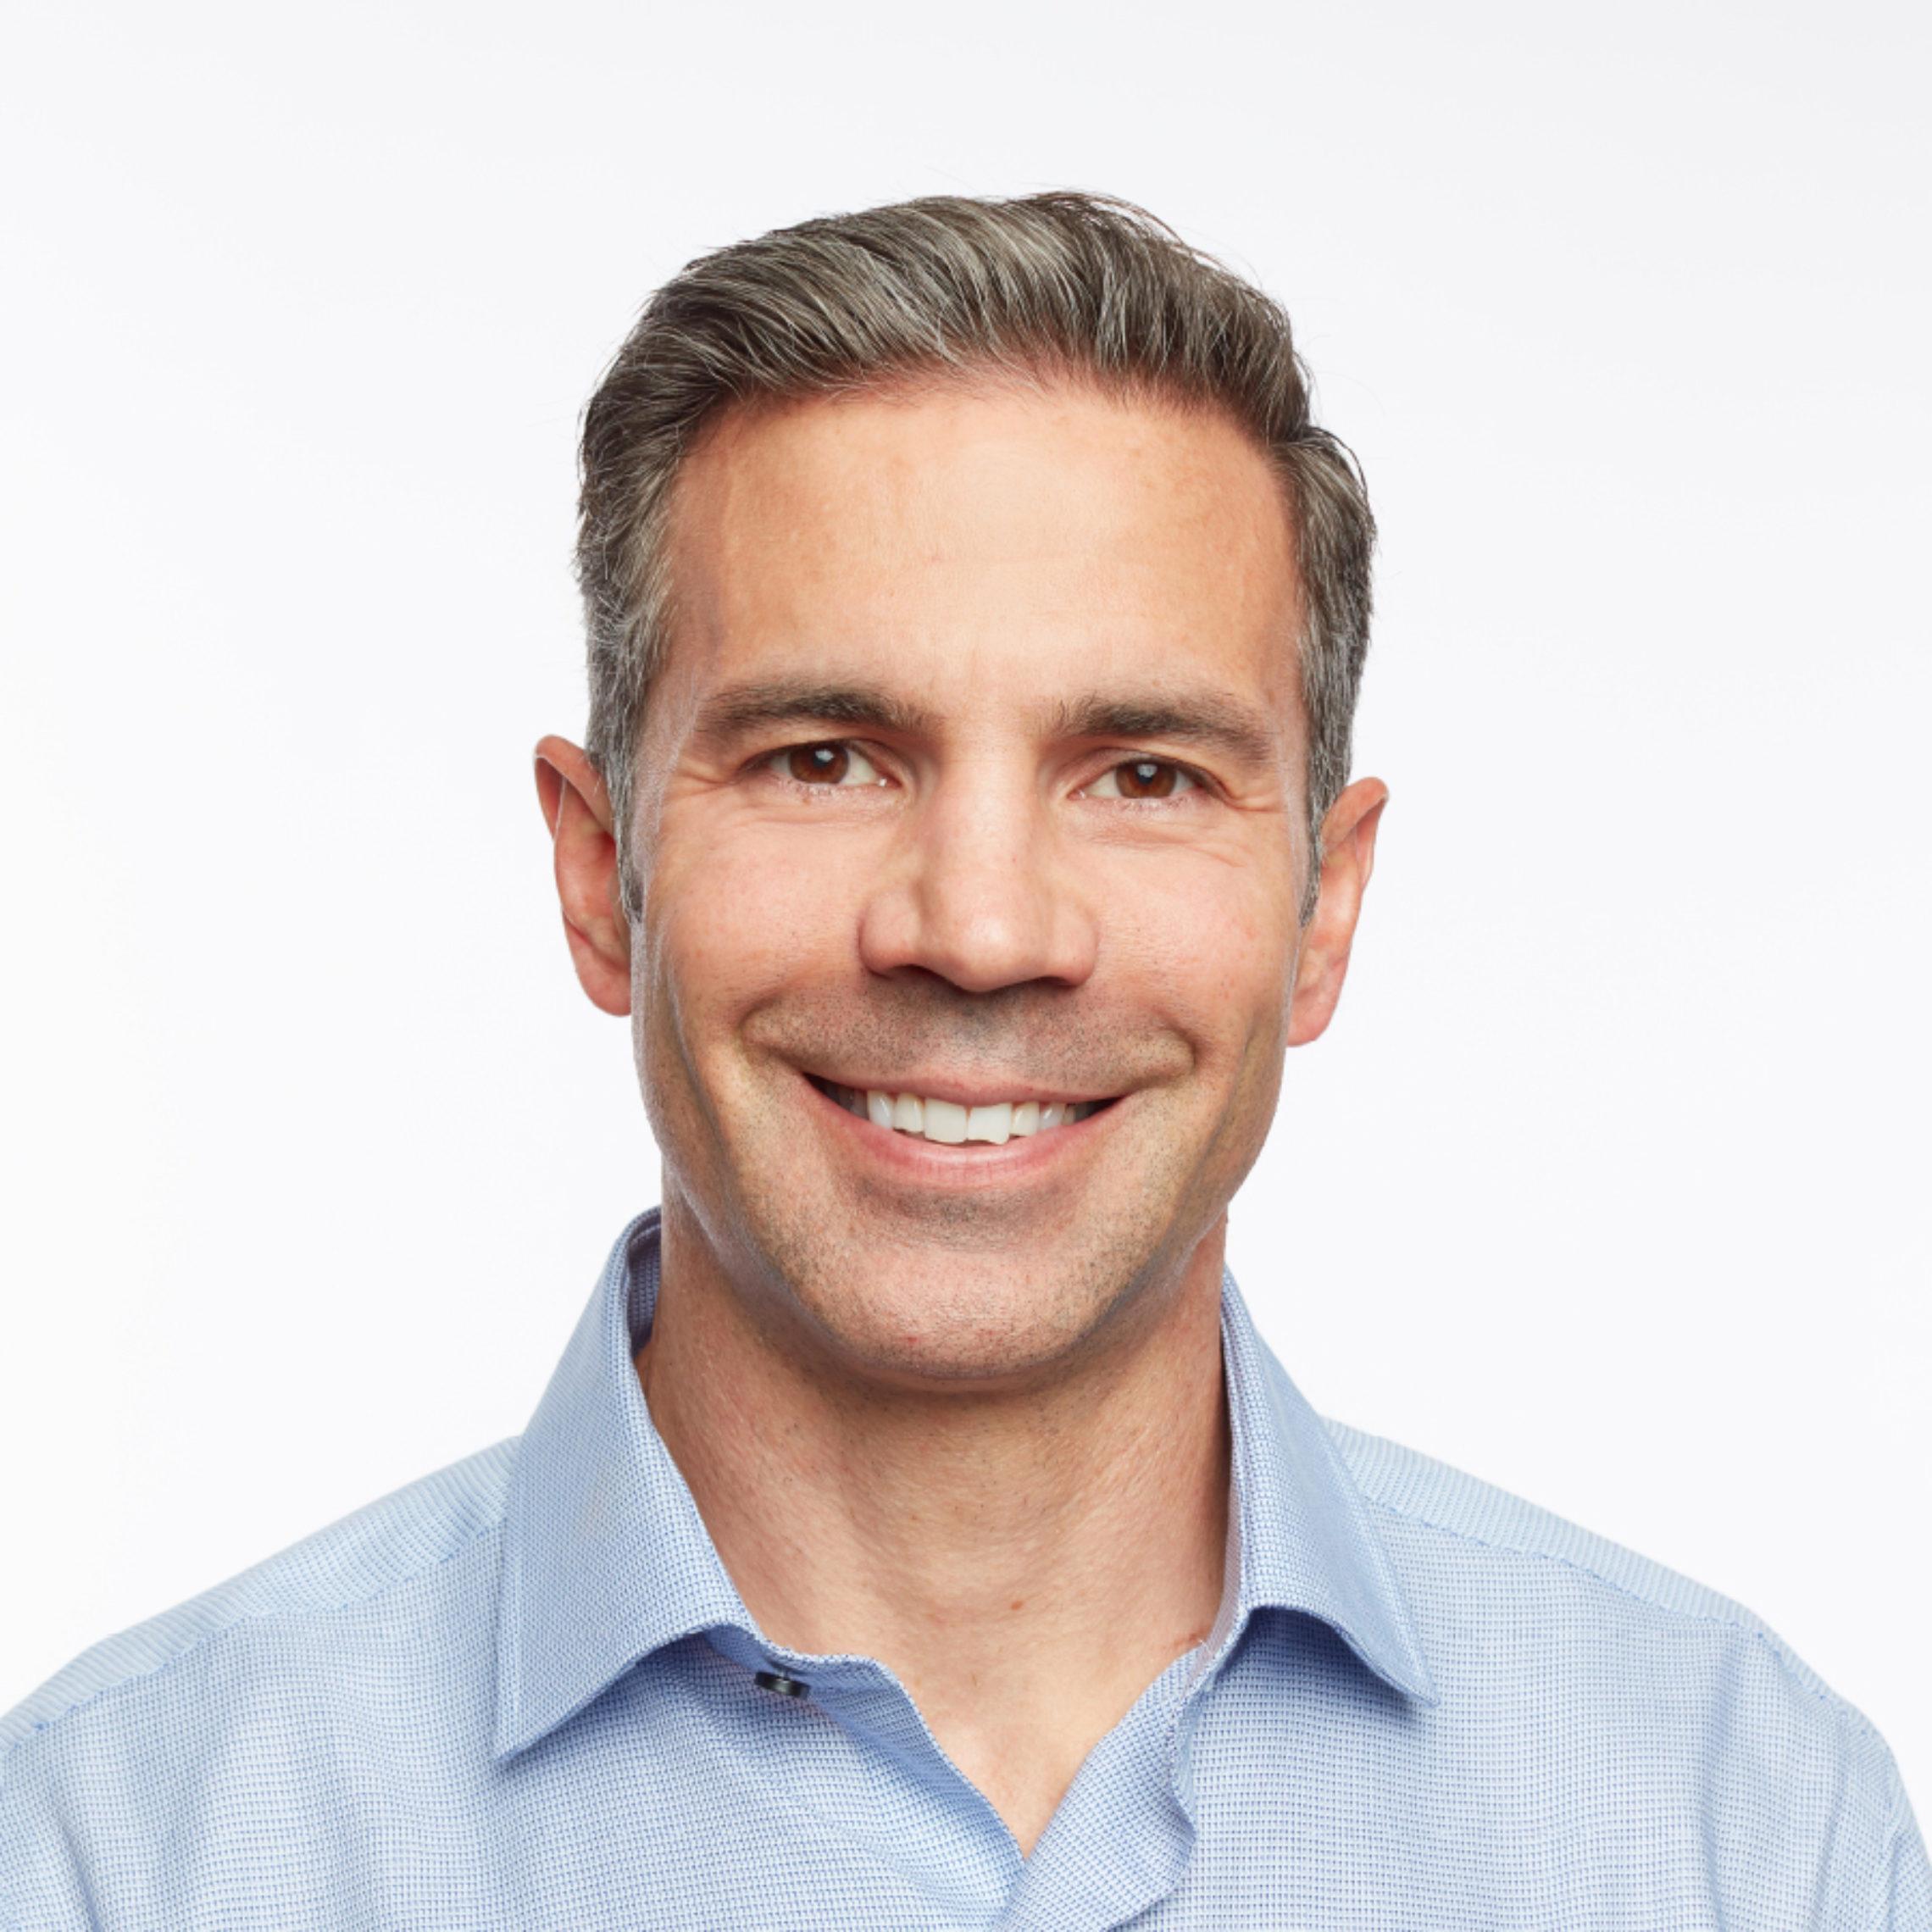 Profile Derek Giersch